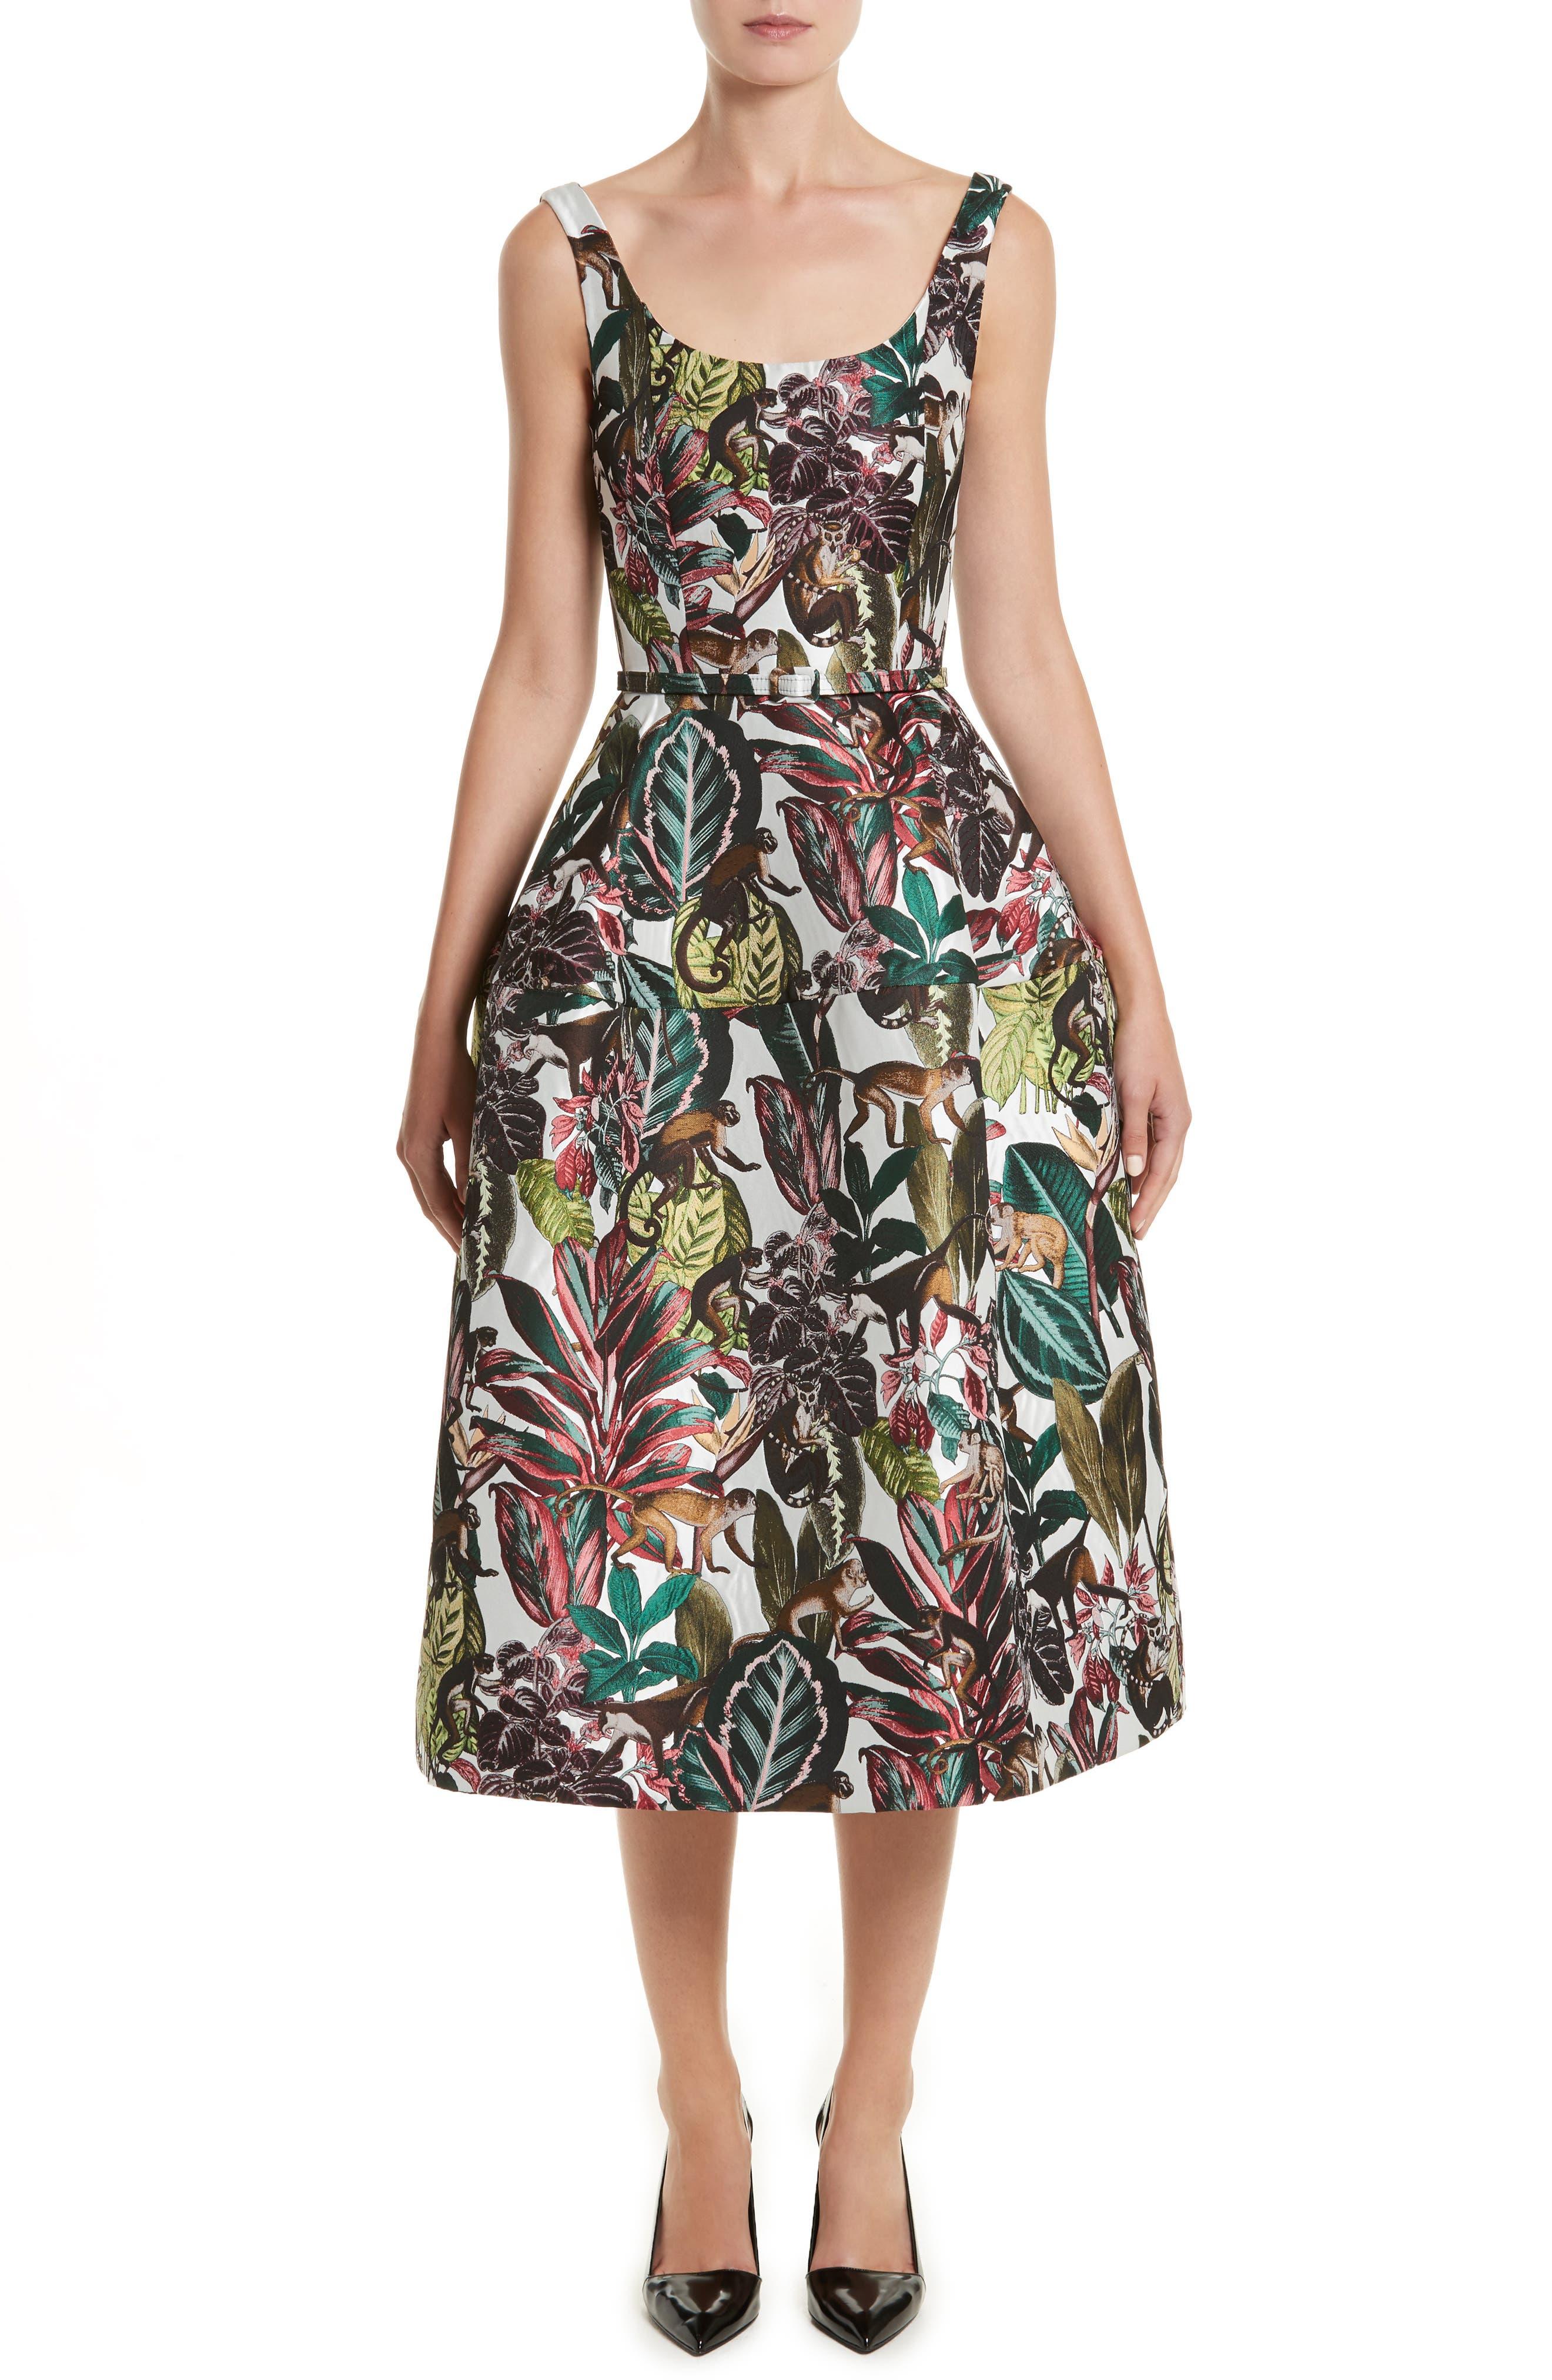 Jungle Jacquard Dress,                             Main thumbnail 1, color,                             300